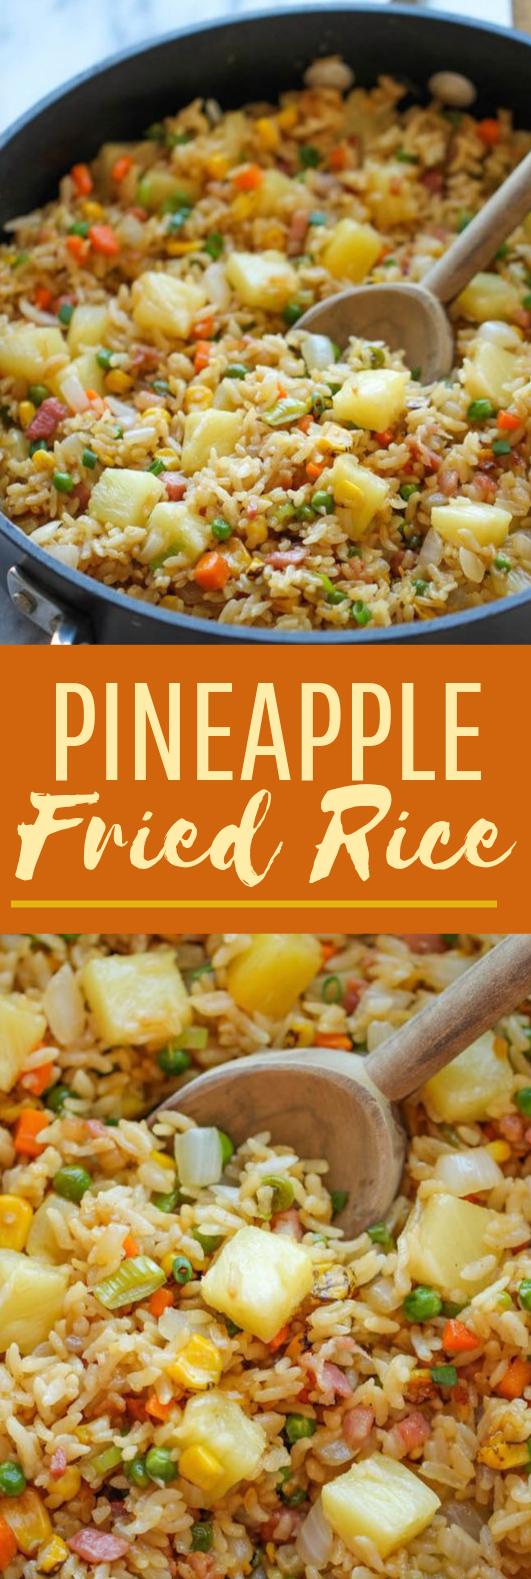 Pineapple Fried Rice #dinner #easy